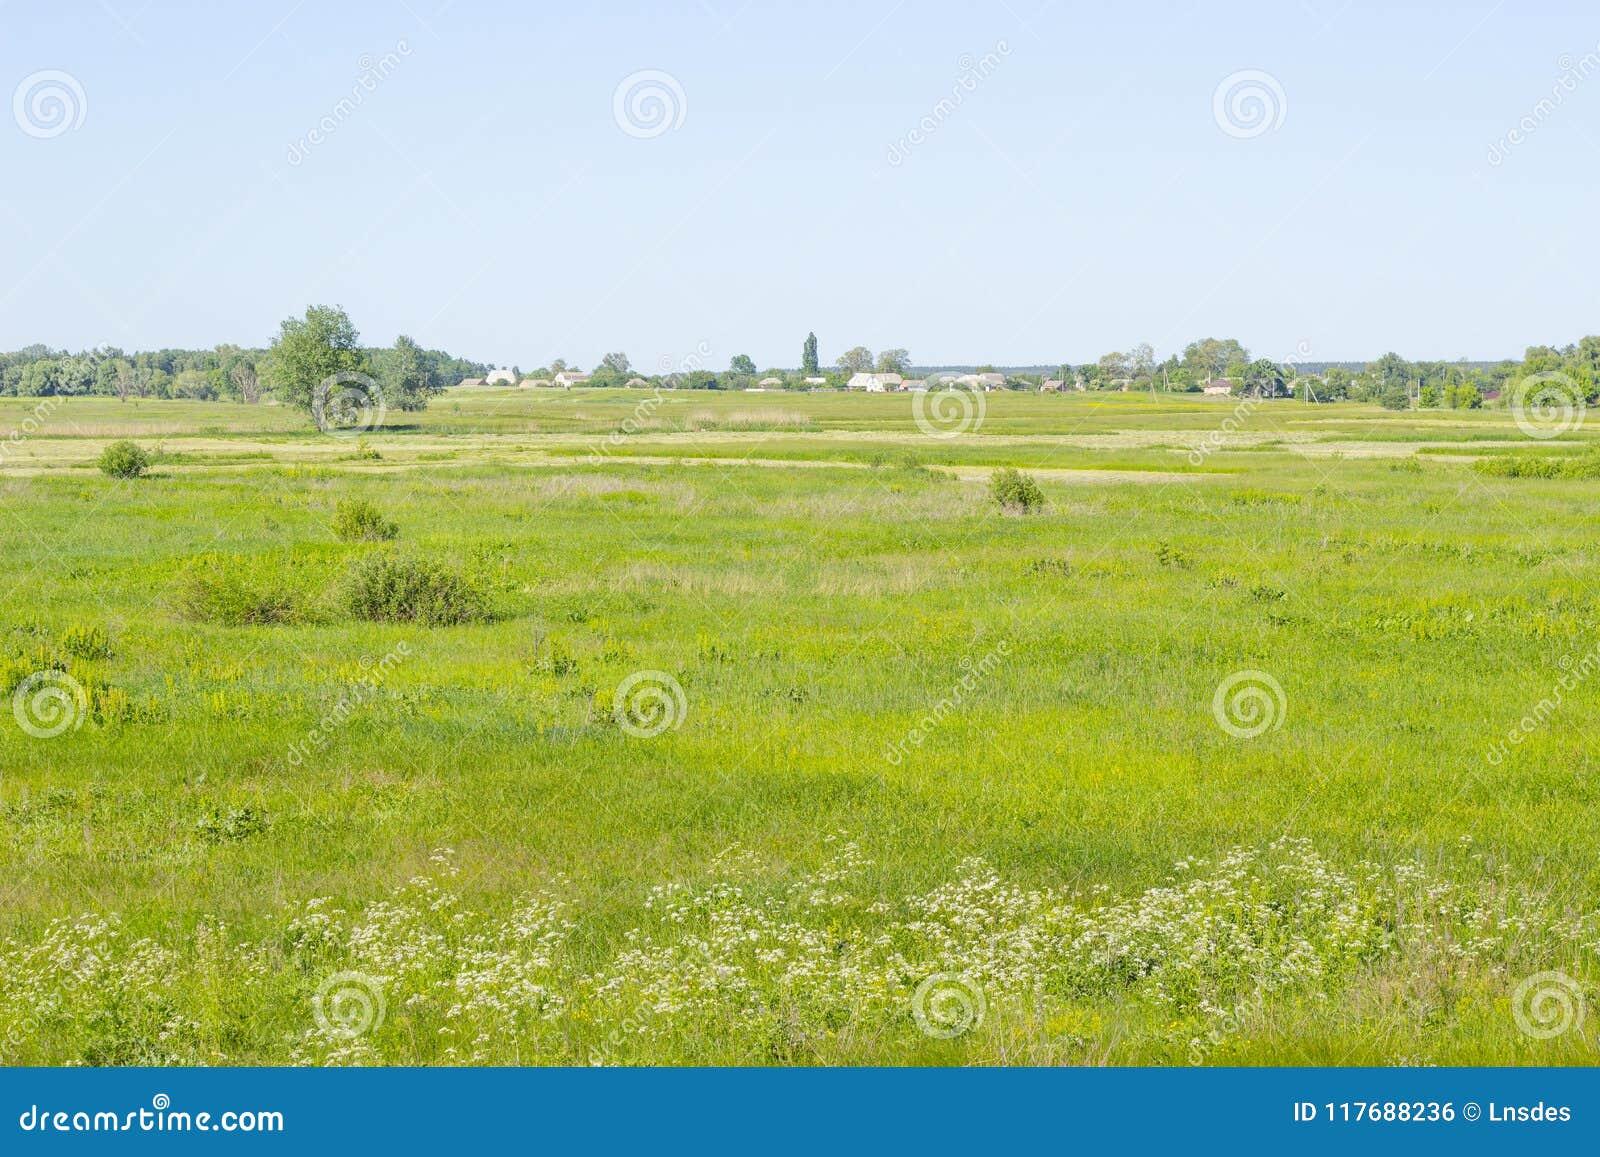 Paesaggio Rurale Del Villaggio Con Il Campo E Le Case Di Campagna